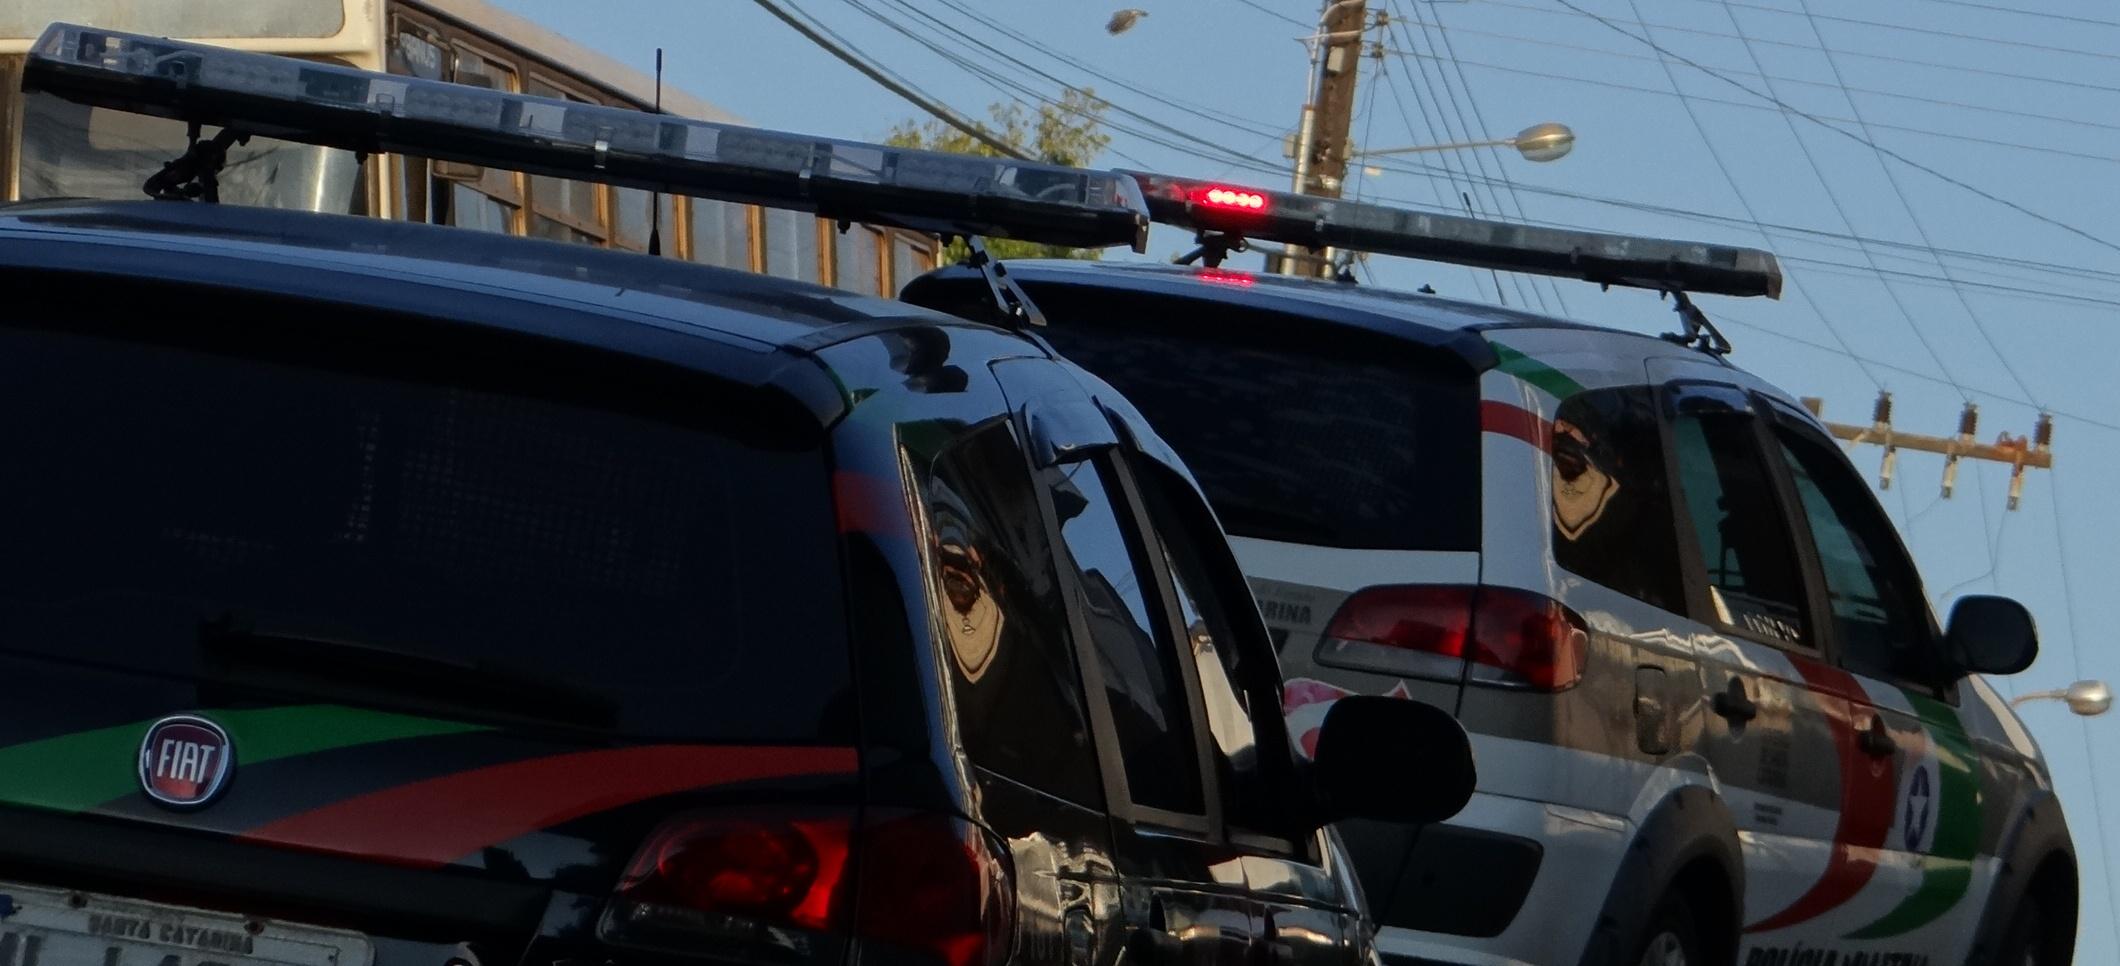 Polícia deflagra operação e cumpre mandados de apreensões em Iporã do Oeste